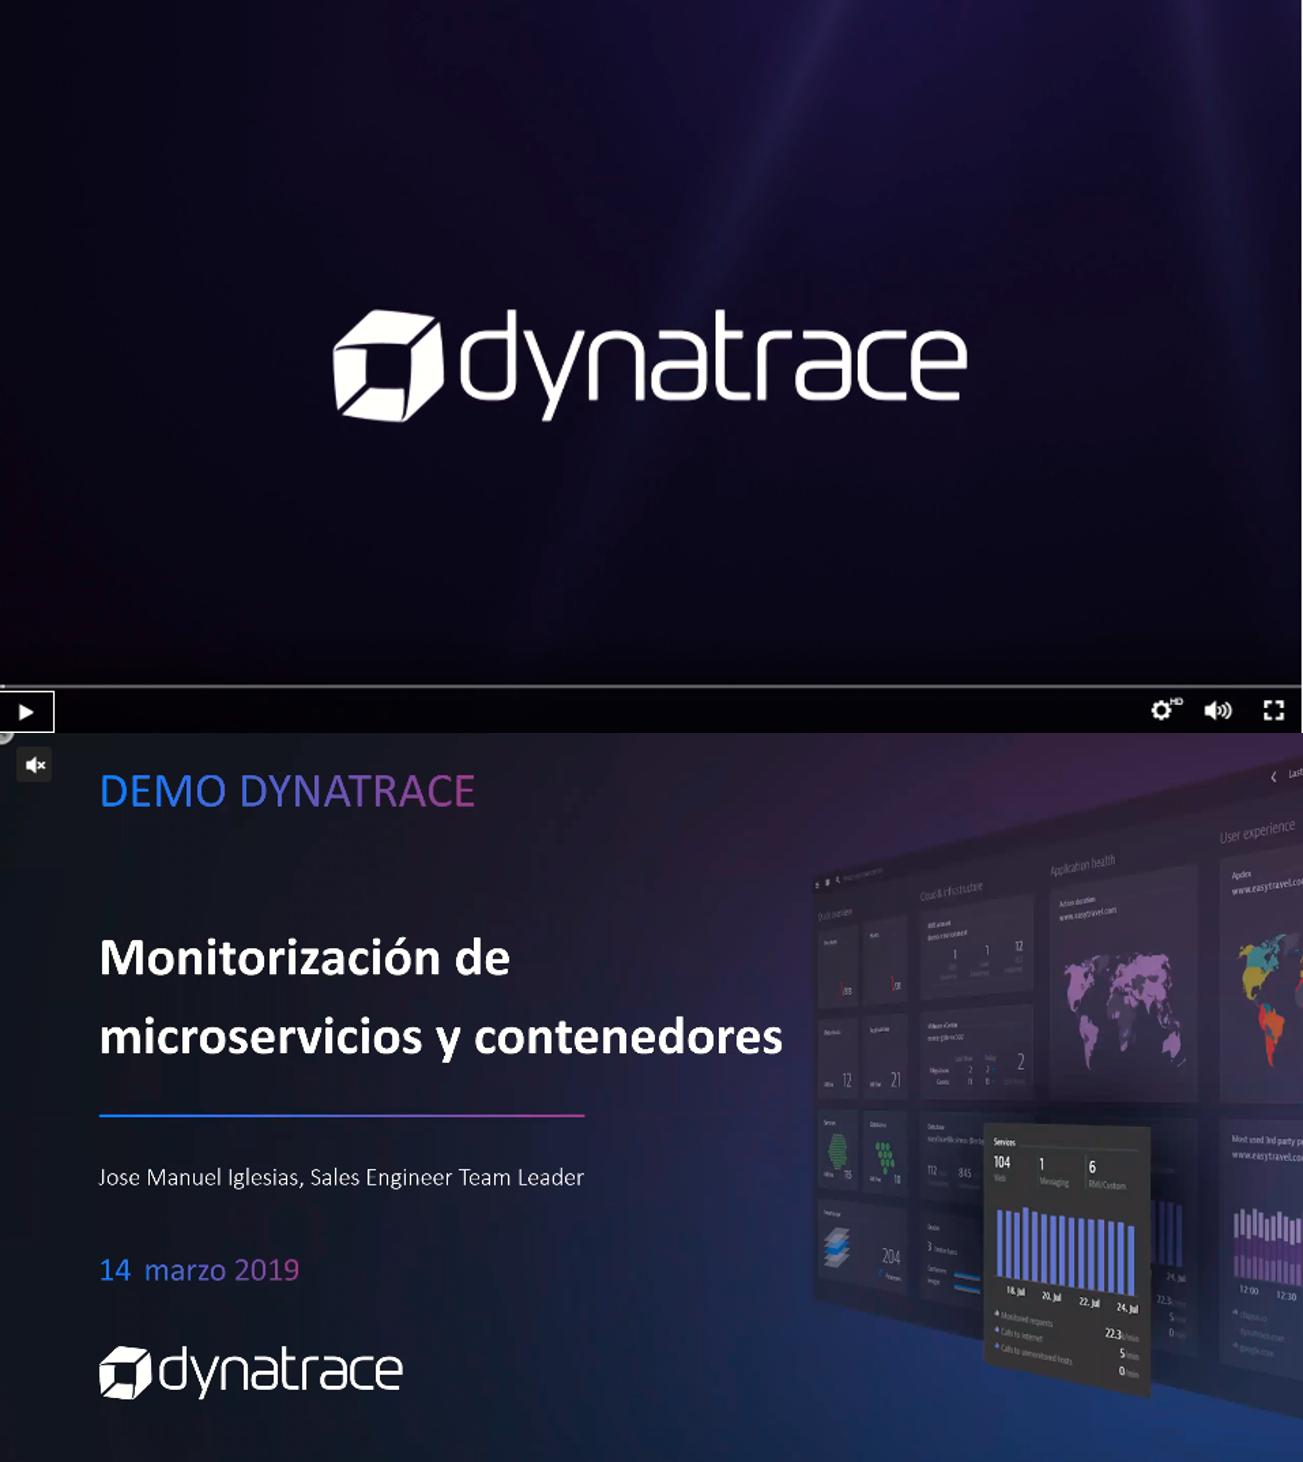 Dynatrace: Monitorización de microservicios y contenedores